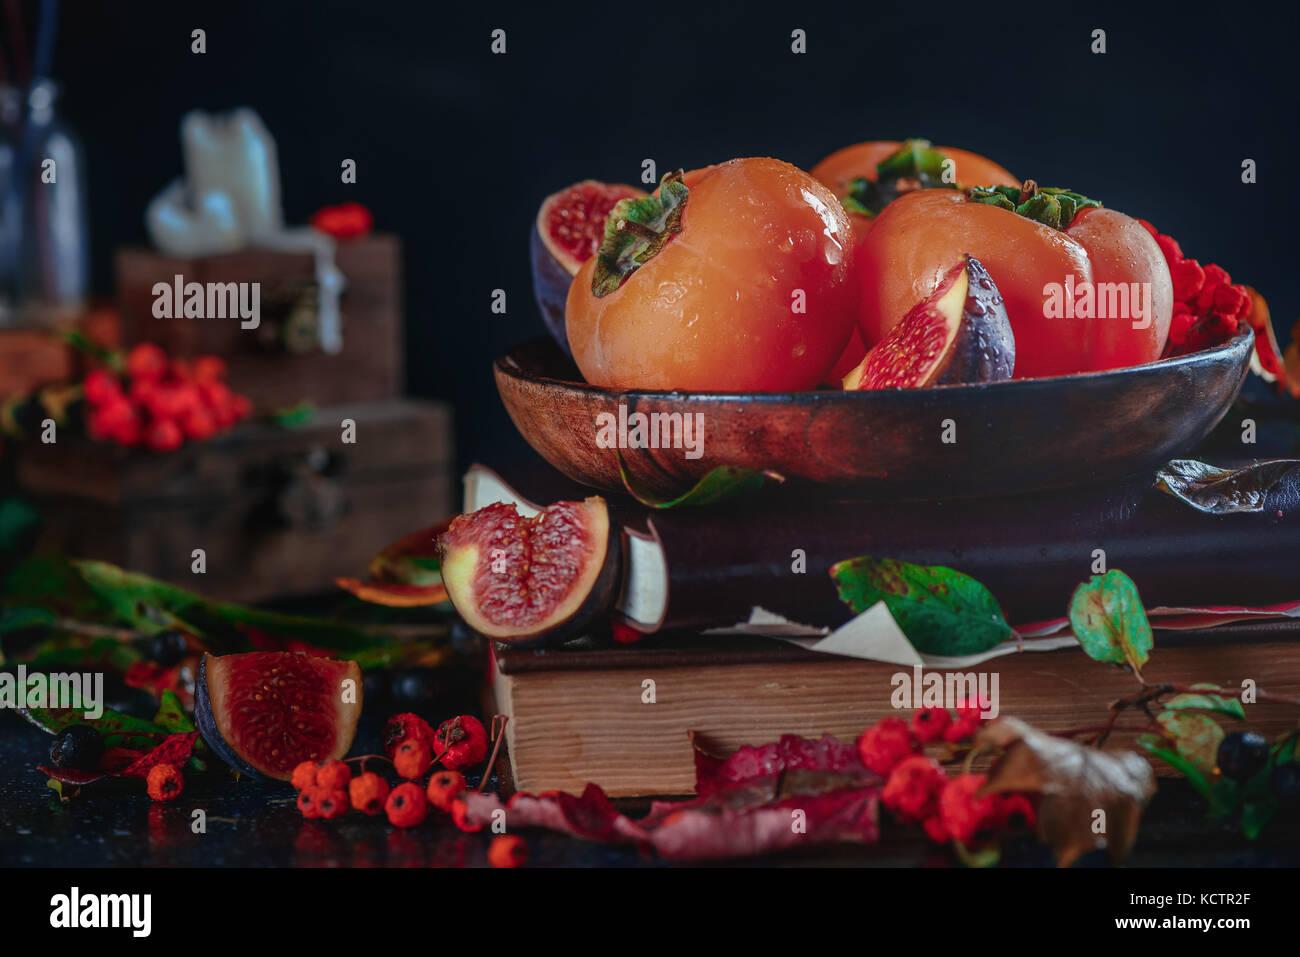 Reife persimonen auf einem Stapel Bücher in einem dunklen Herbst Stillleben mit Früchten und Beeren. Ernte Stockbild